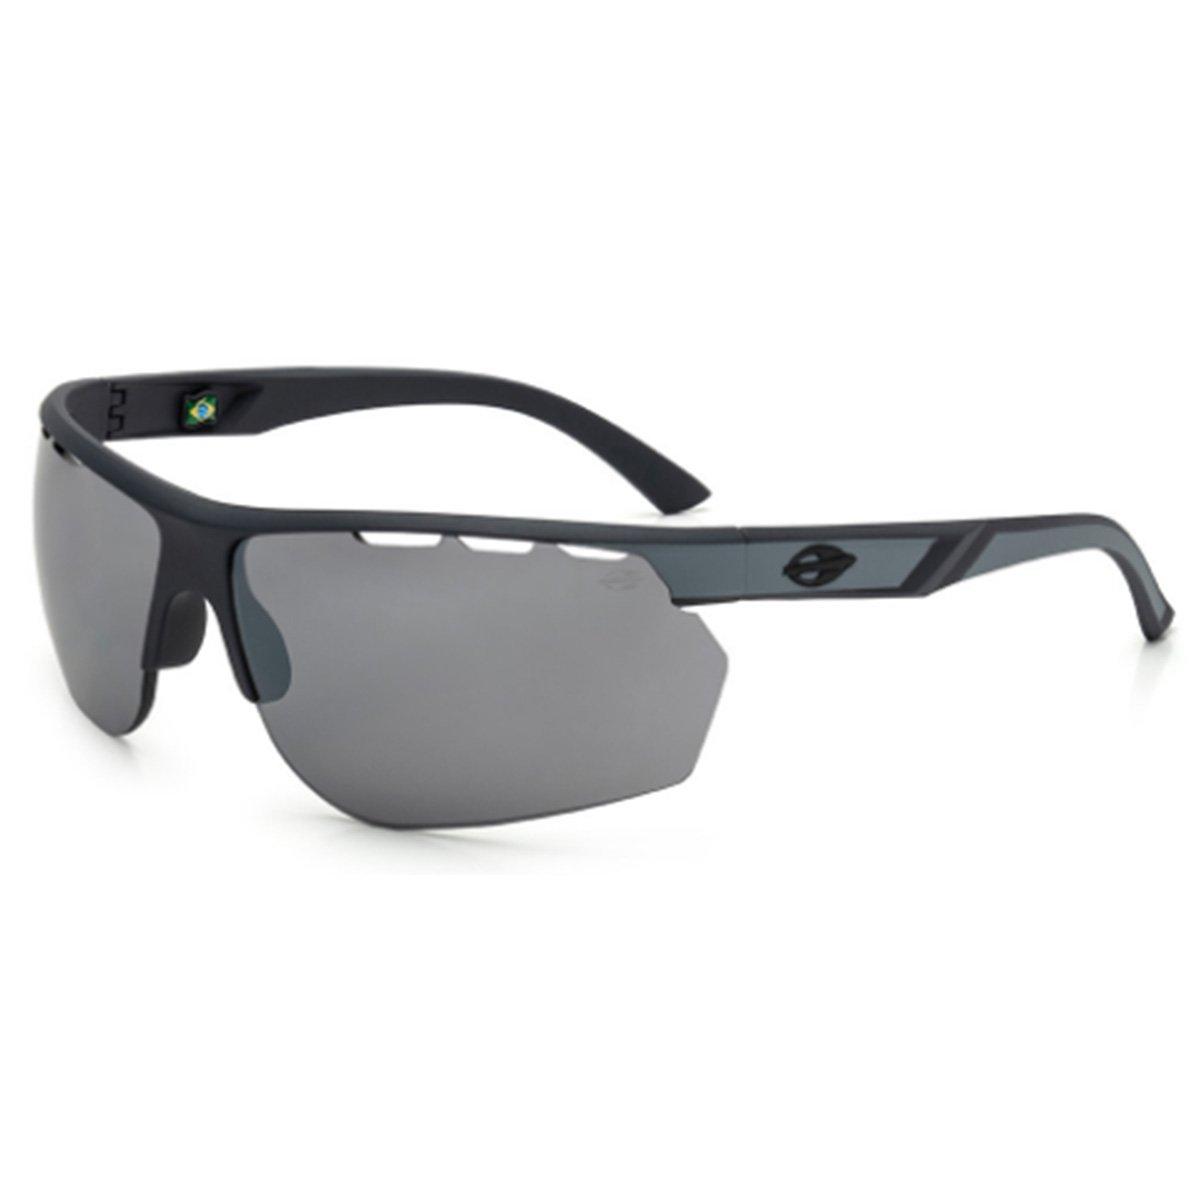 0901e8d15a775 Compre Óculos de Sol Mormaii Thunder em 10X   Tri-Jóia Shop